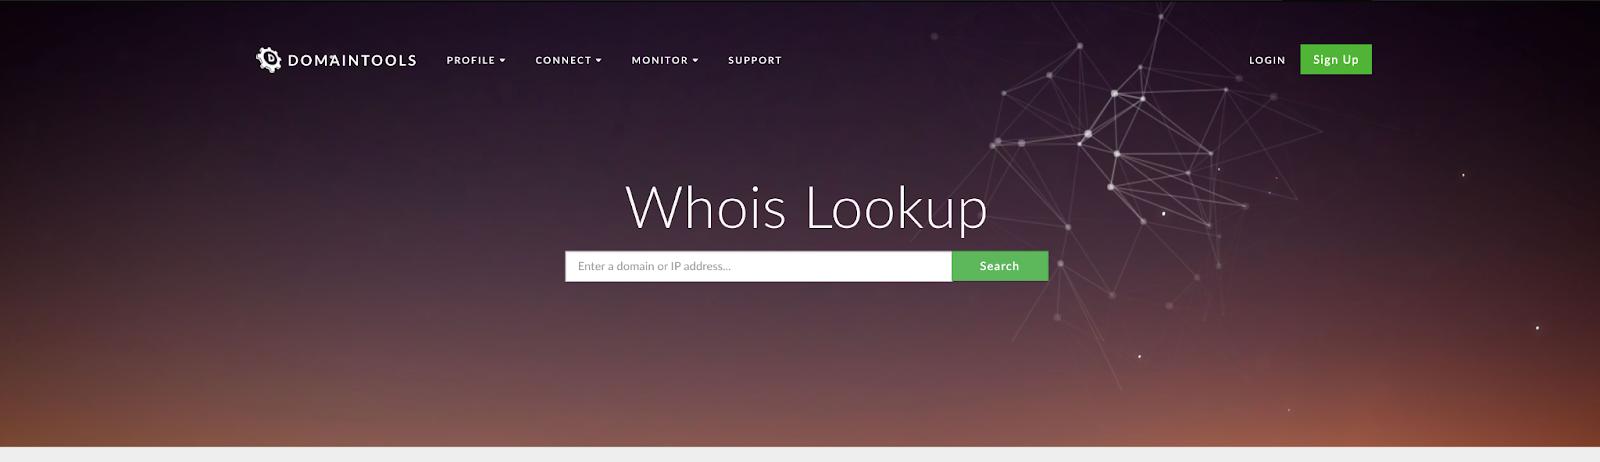 domain tools website